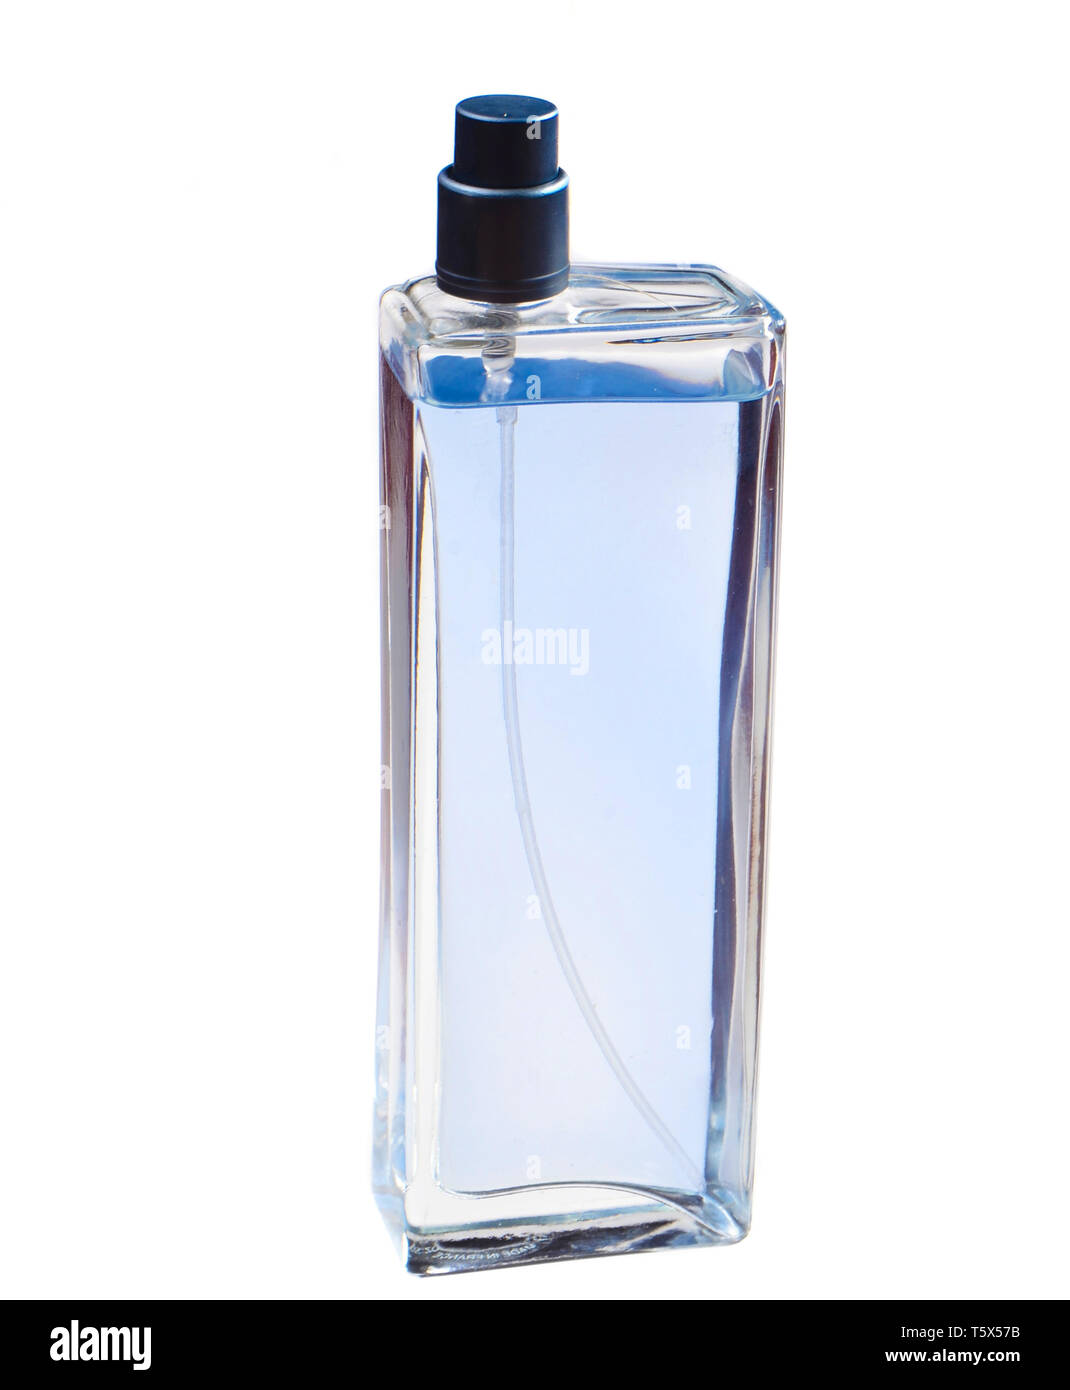 Glass perfume bottle isolated on white background. - Stock Image